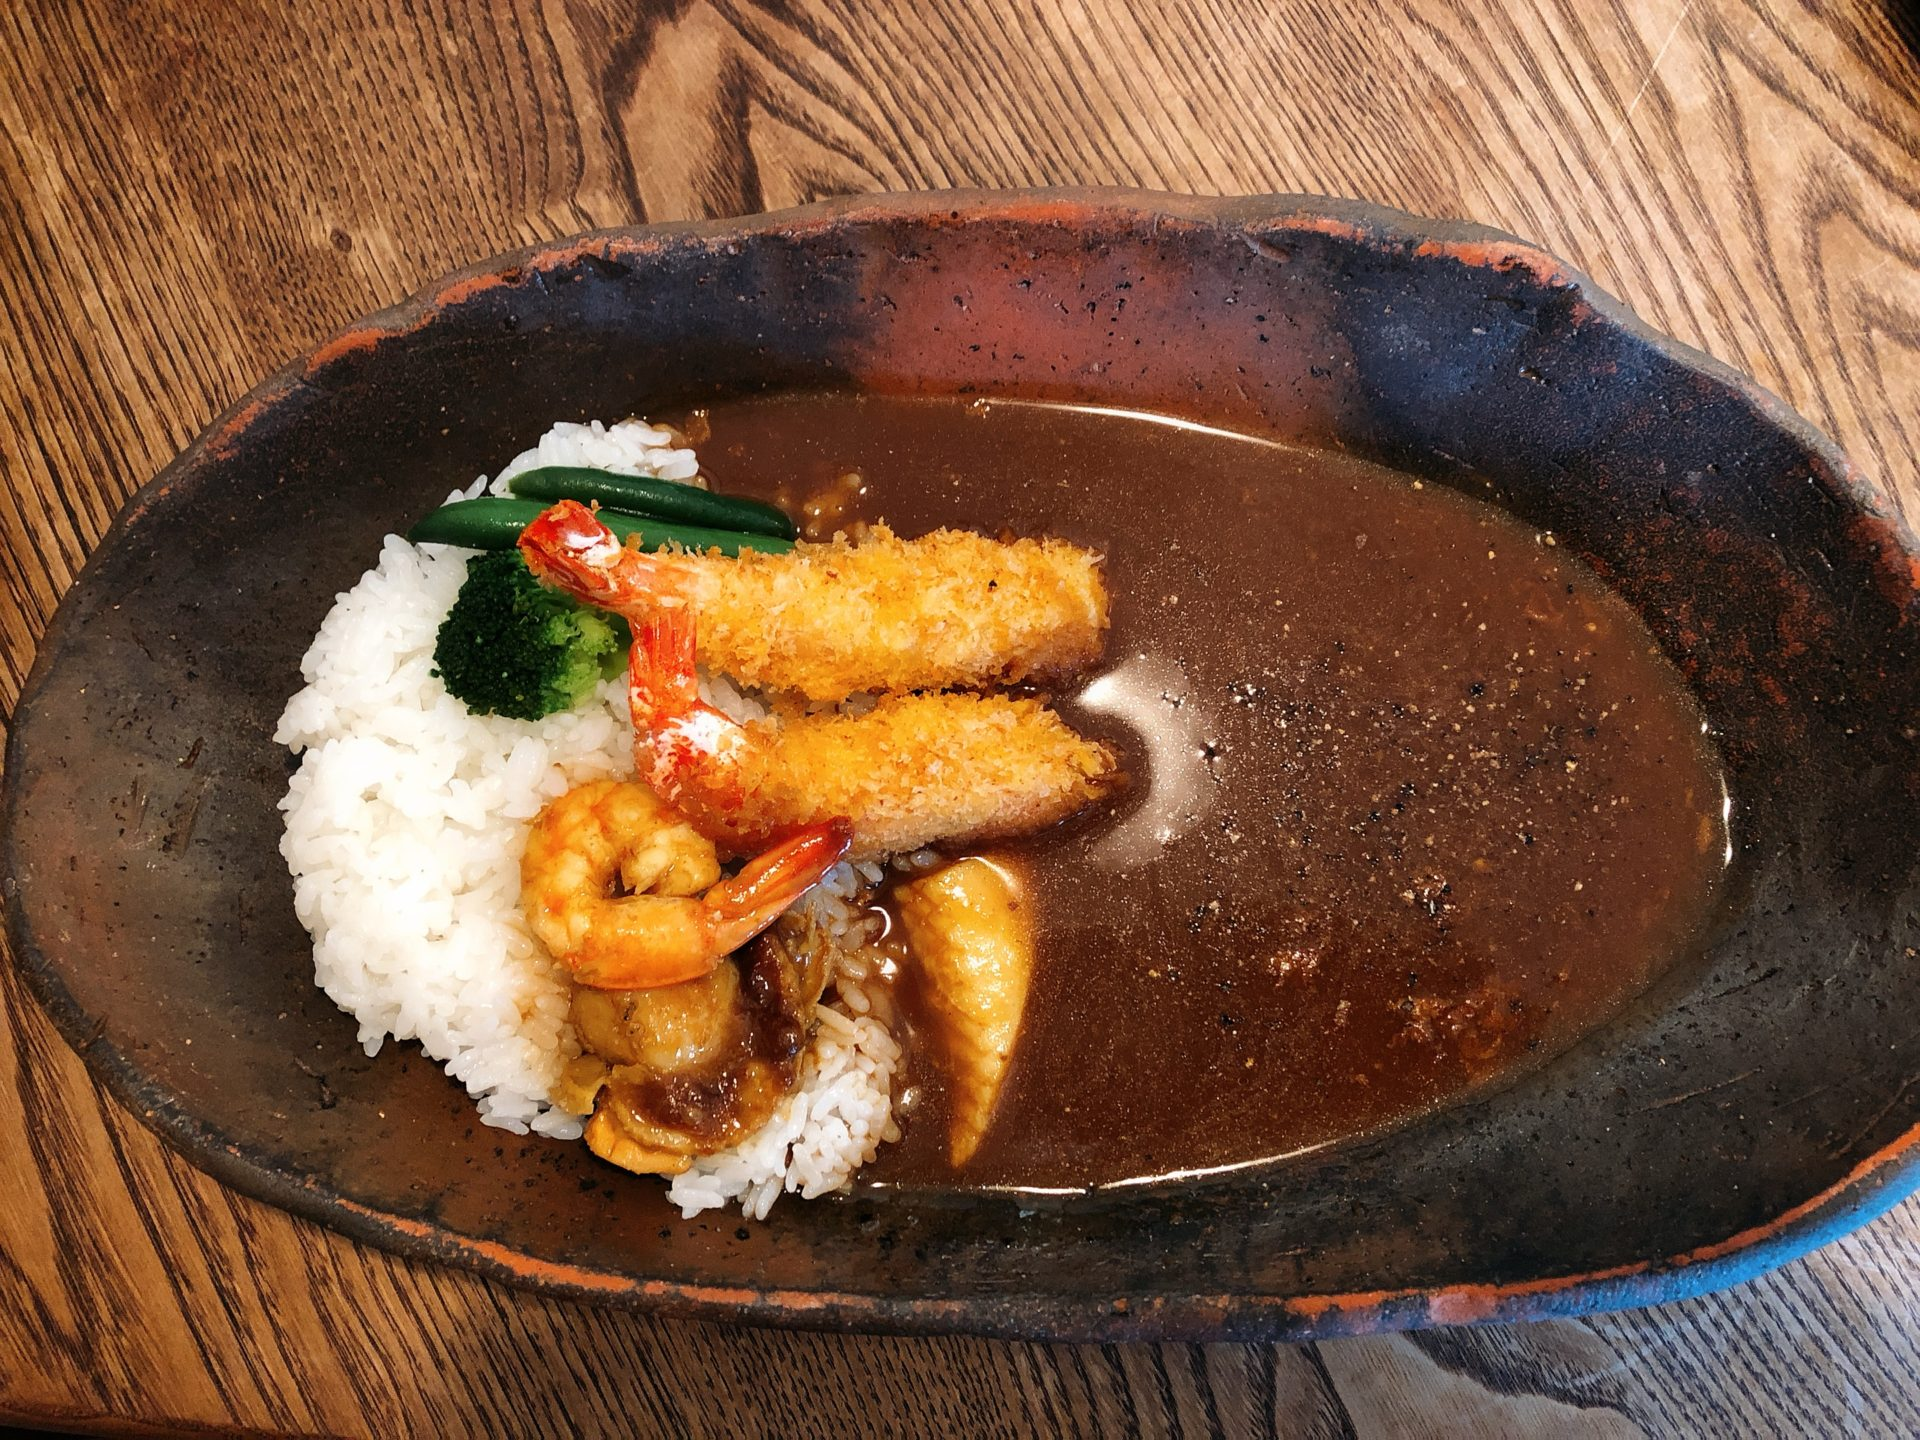 西大寺駅から車で2分 カレー&カフェ ギギ(Curry&Café Ghi Ghi )で季節を感じながら、スパイスの効いたカレーを愉しむ